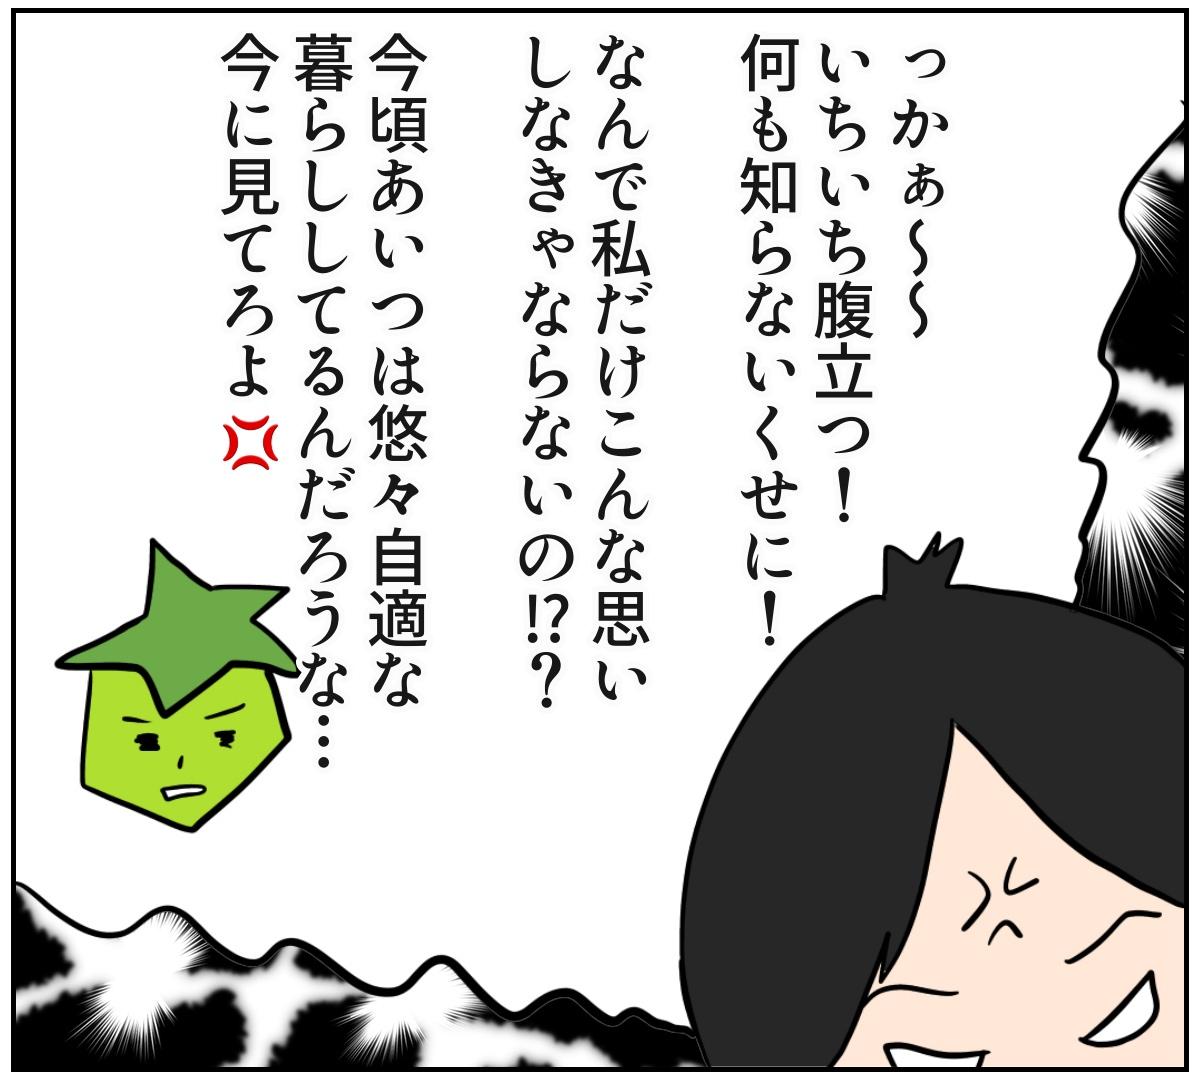 f:id:kaco-matsu:20190811183218j:plain